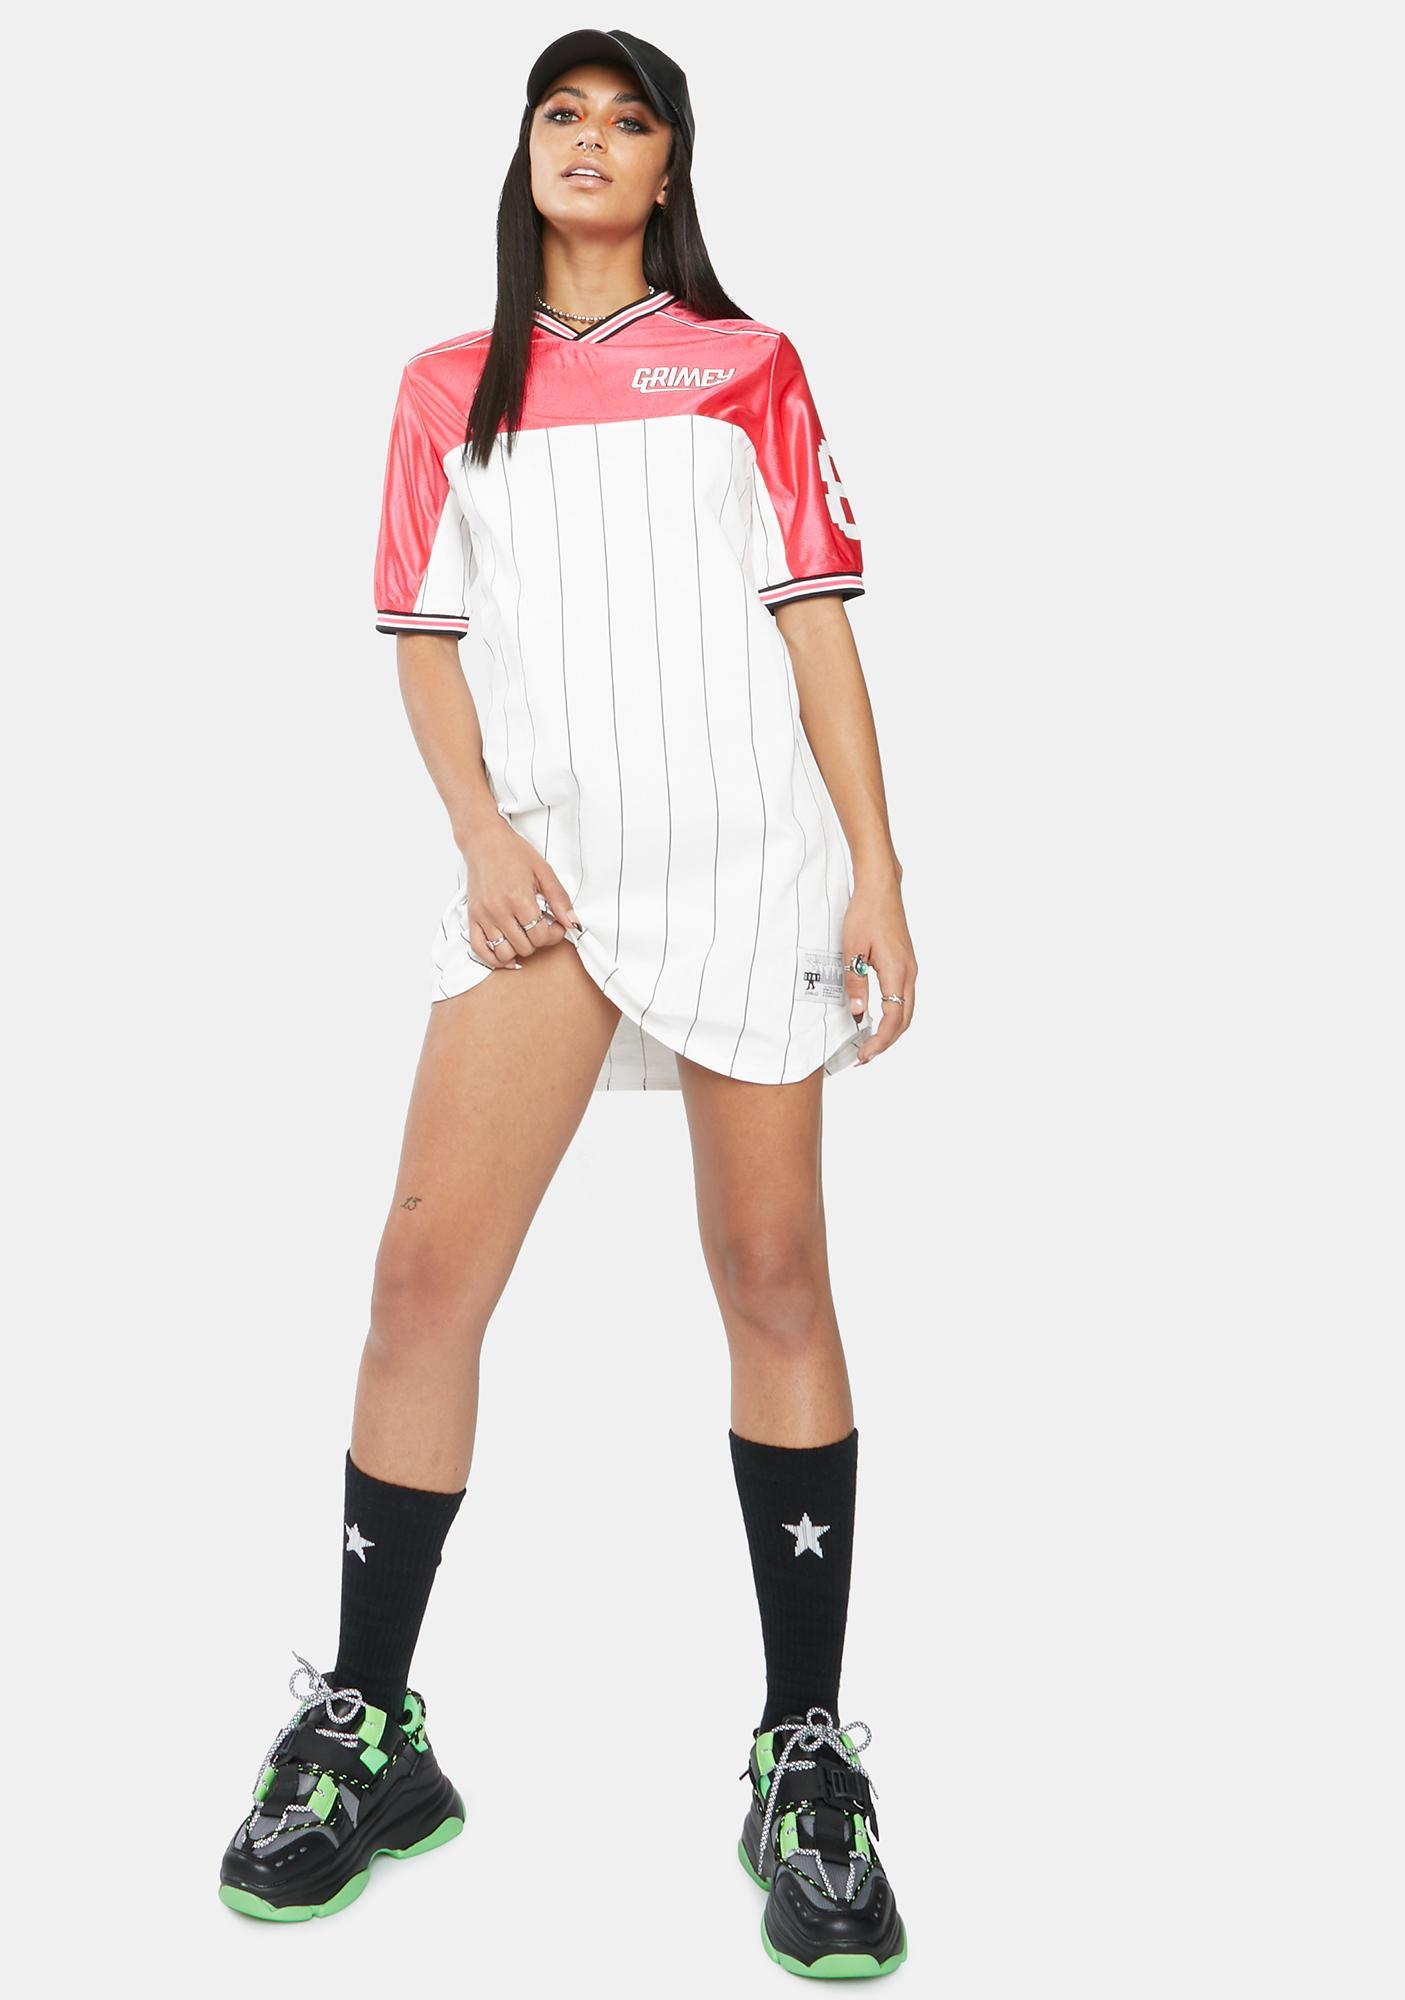 GRIMEY Ubiquity Shirt Dress